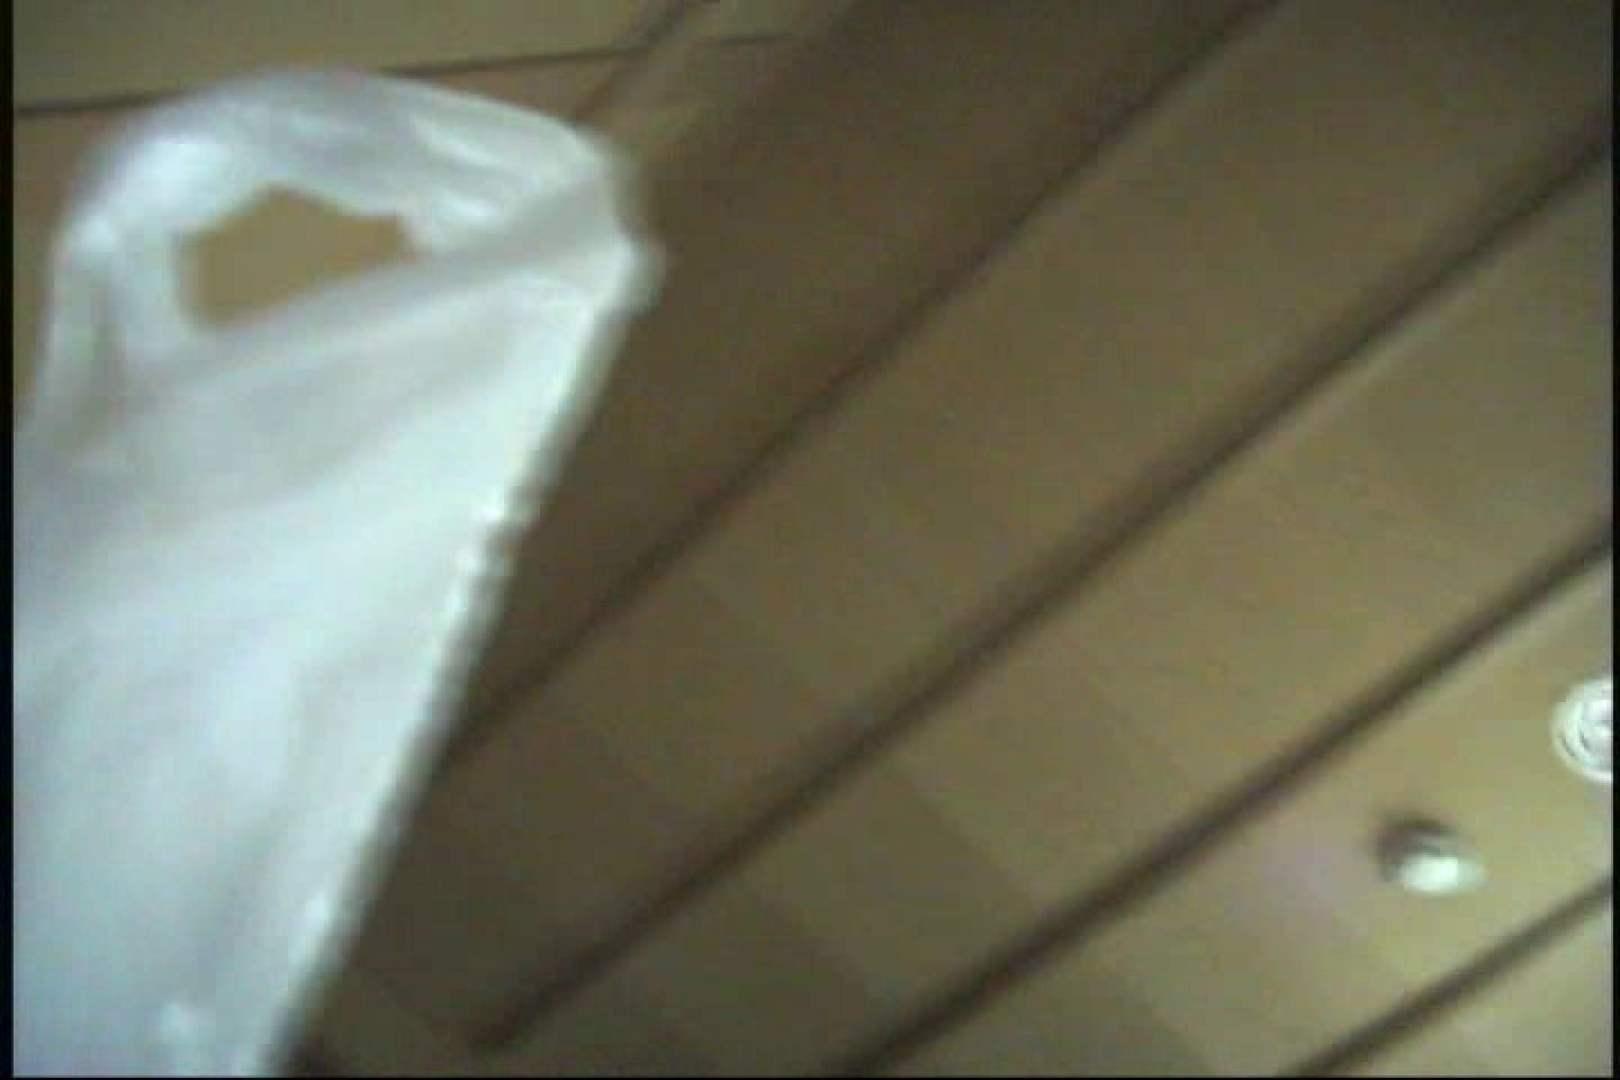 いっくんの調教シリーズ「未亡人みずほ27歳市役所職員」Vol.7 浴衣  67画像 36